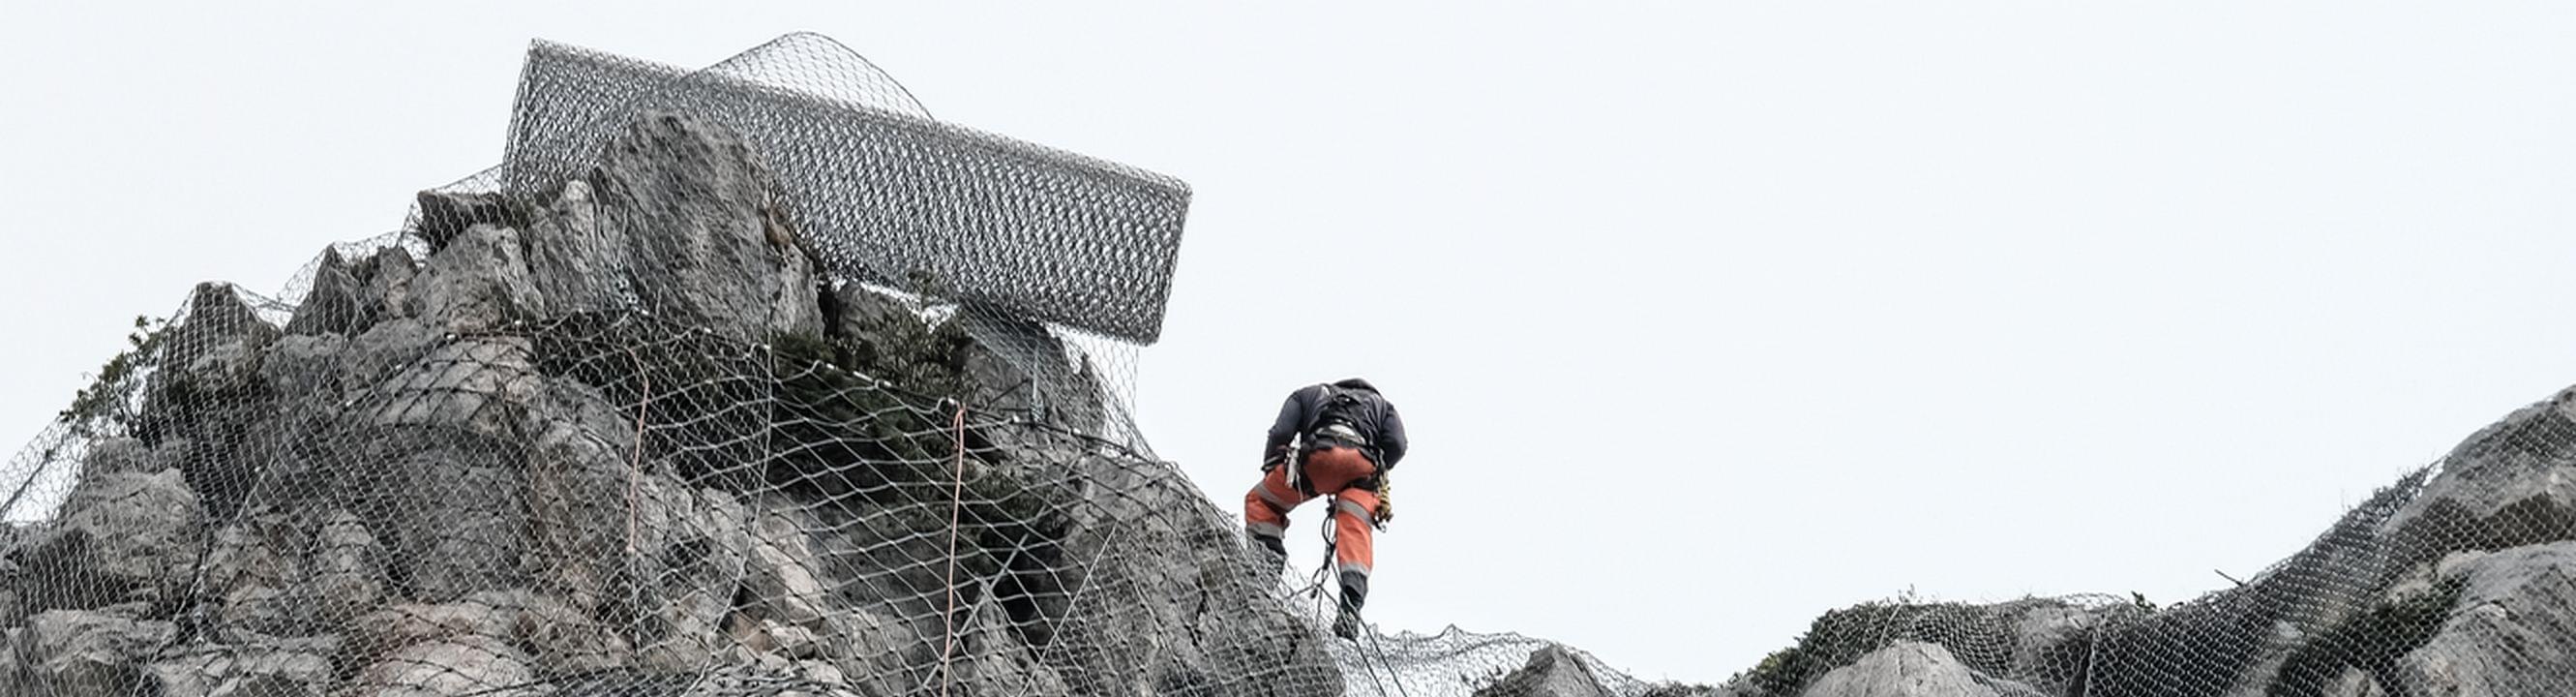 technicien cordiste tp forage paca mission interim marseille 13 acts